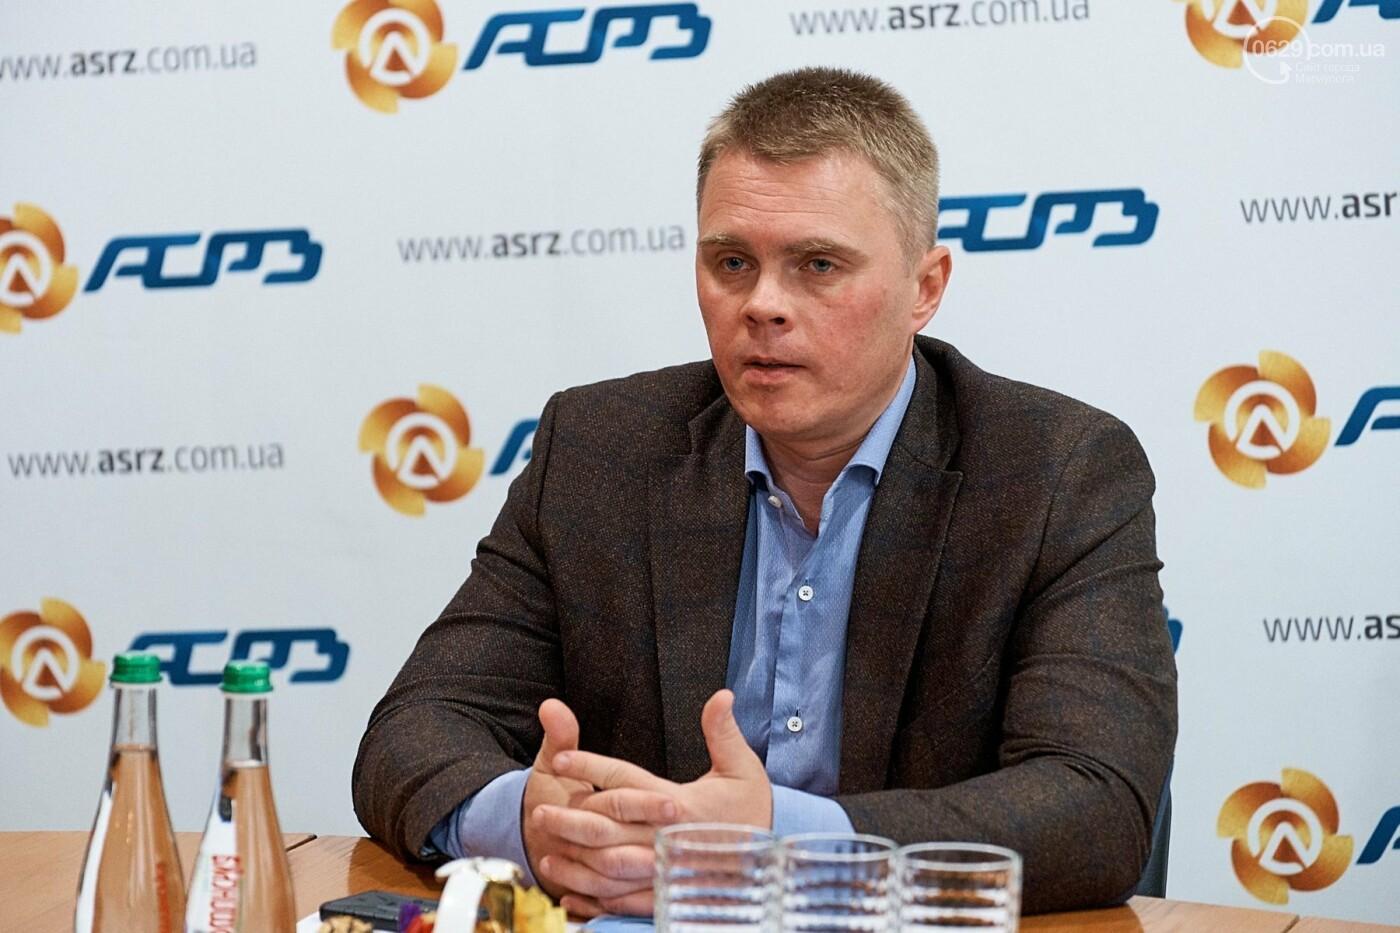 Судьба Азовского судоремонтного завода должна решиться через три недели,- ФОТО, фото-1